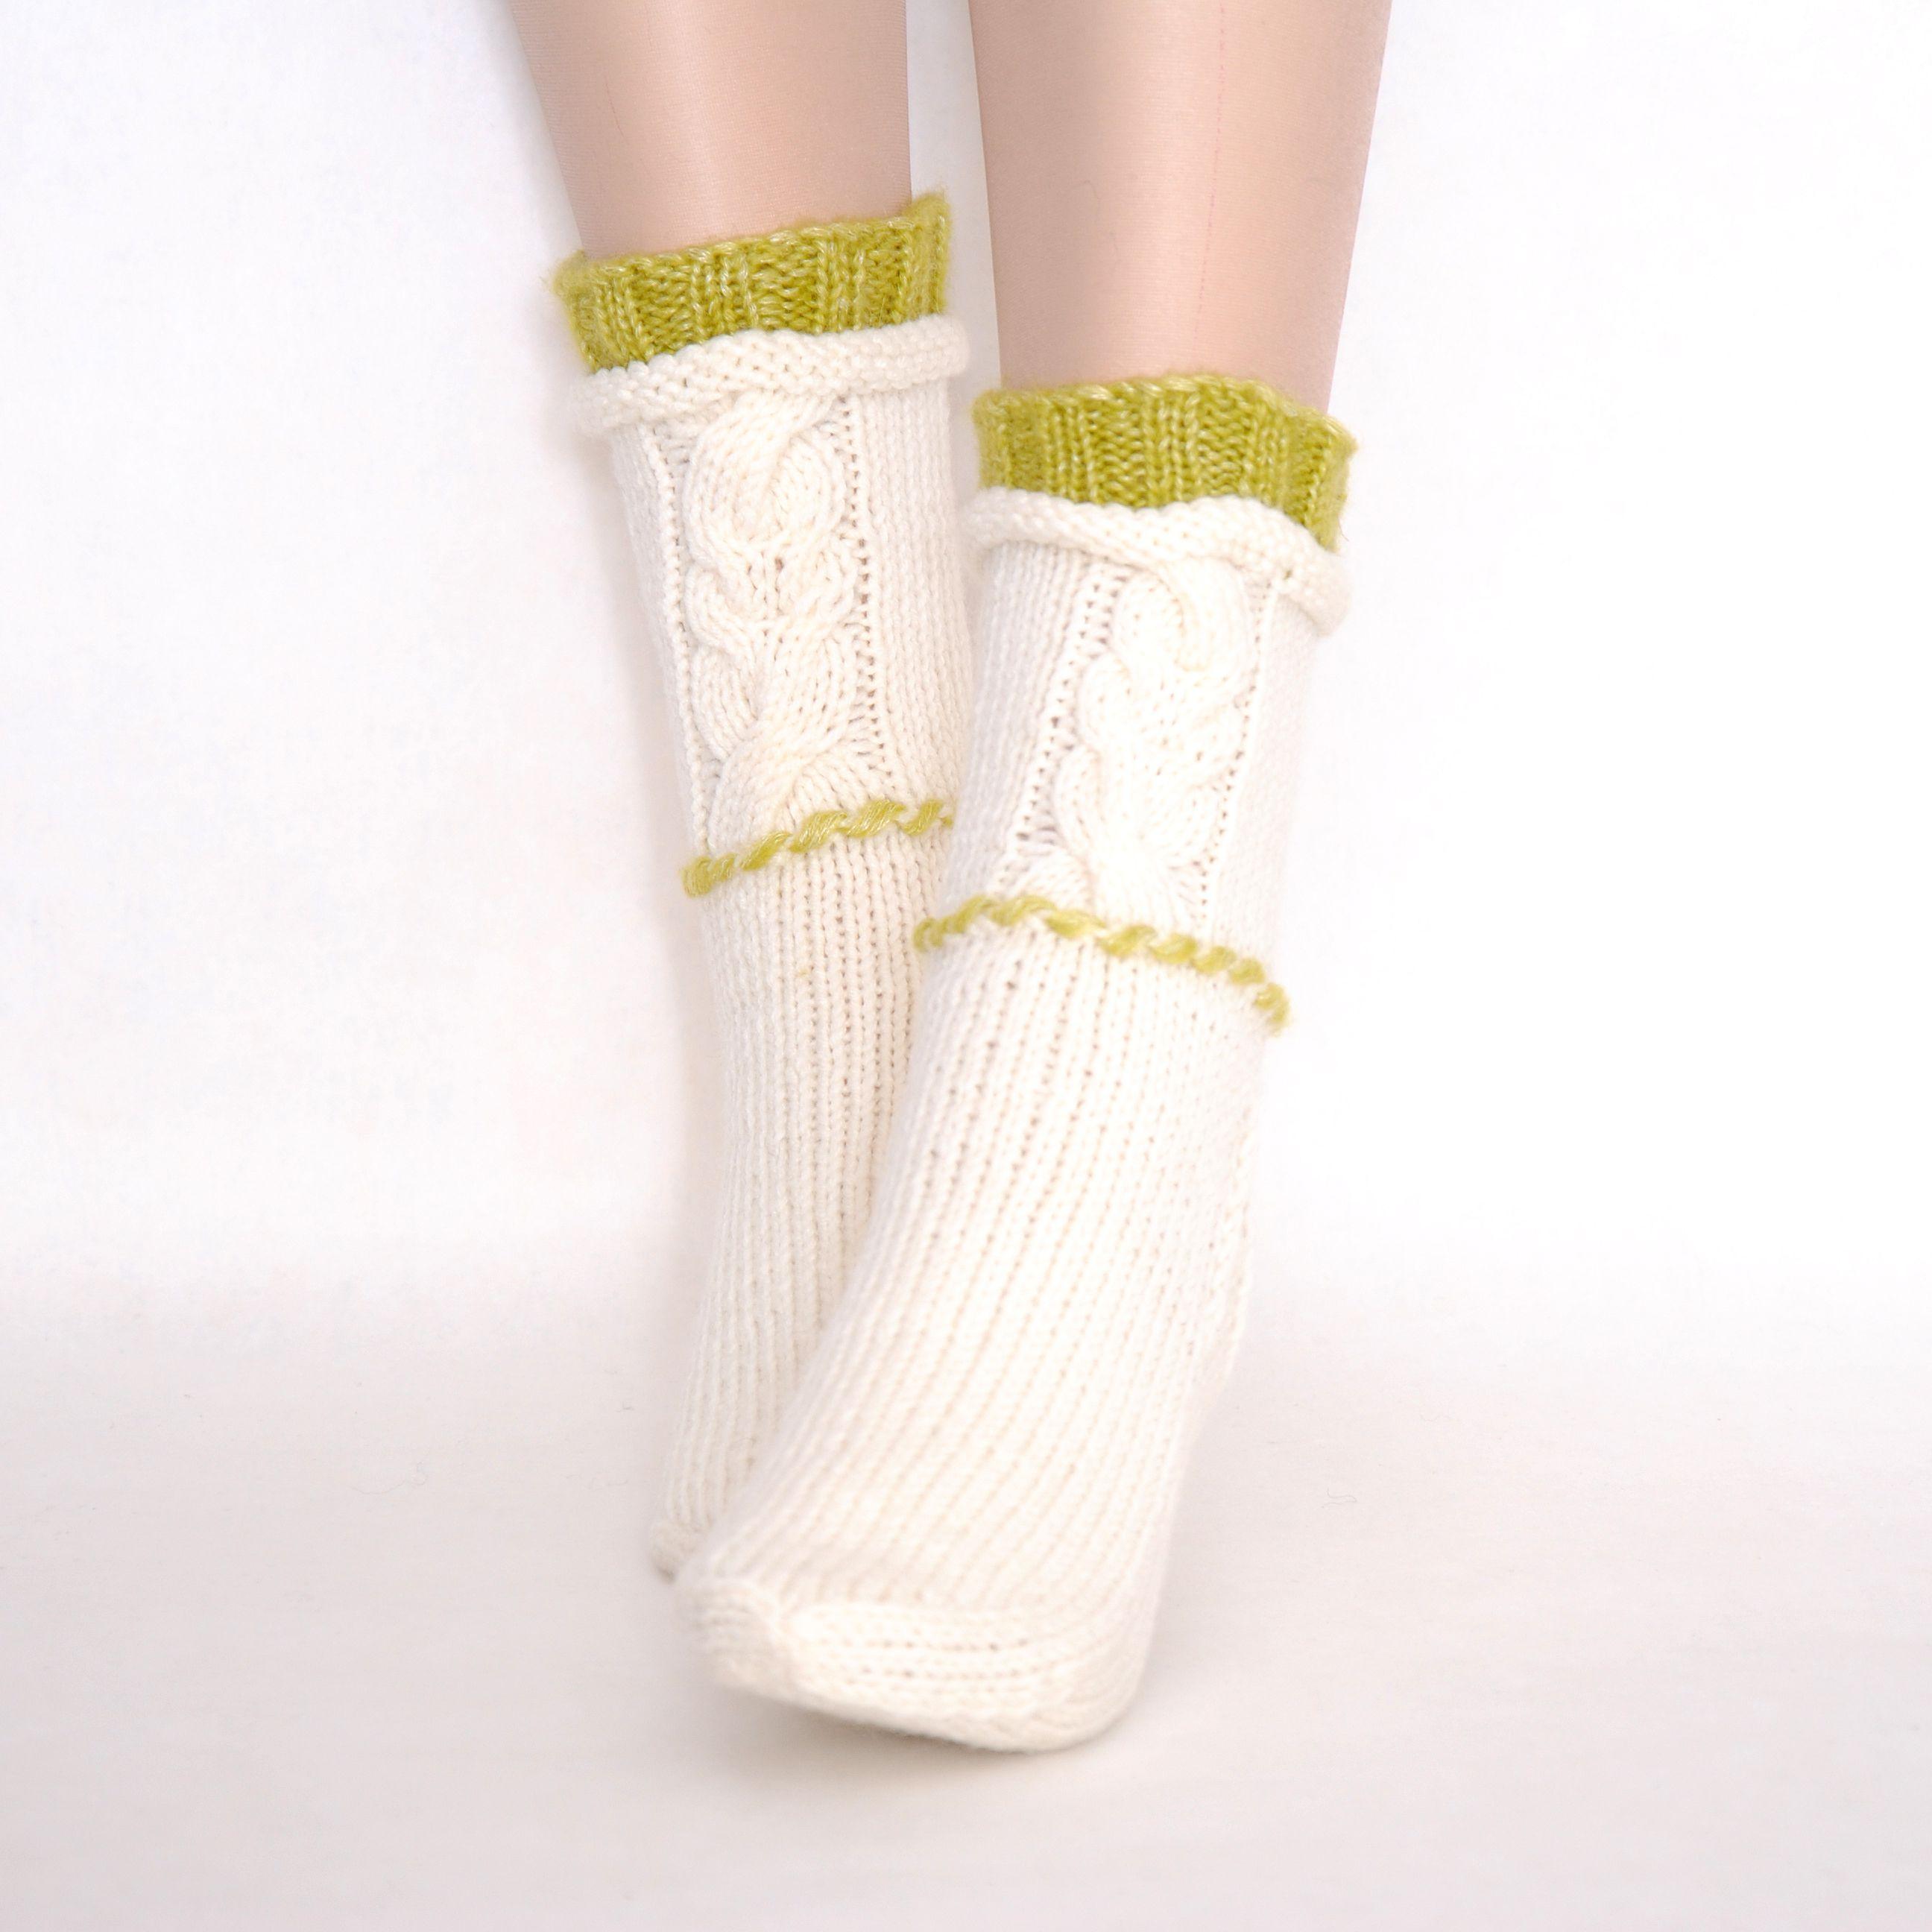 вязаные модные носочки купить шерстяные женские носки подарок